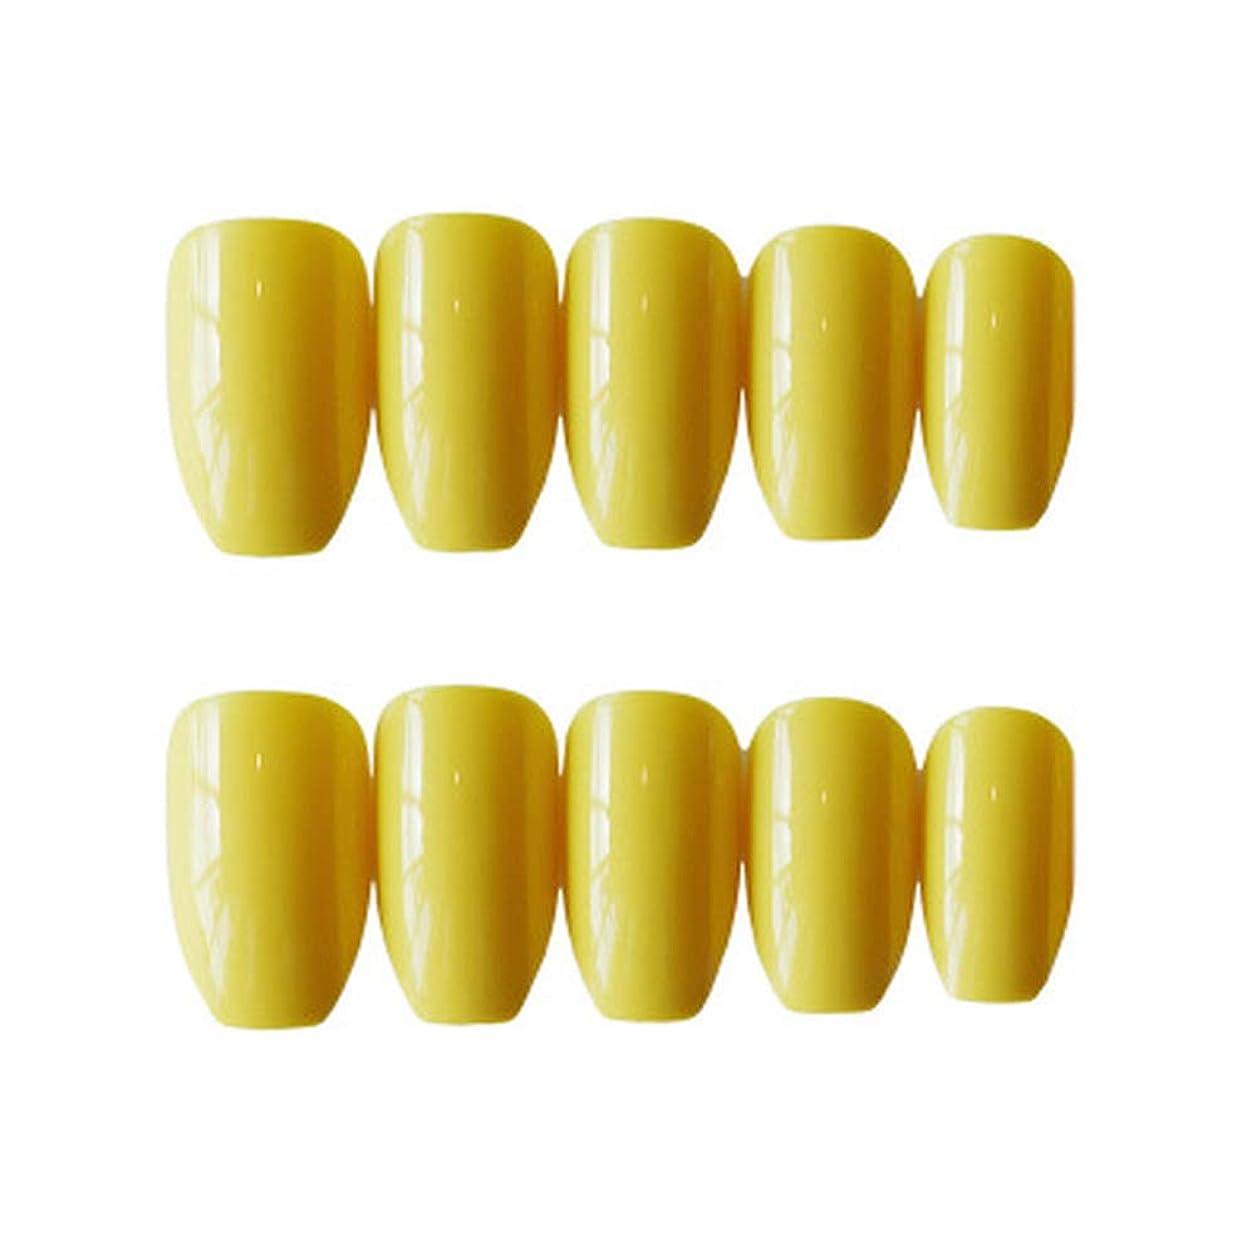 戻るに慣れ弱めるXUTXZKA 24本の長い偽の爪ピンクブルー型の偽の爪指の爪